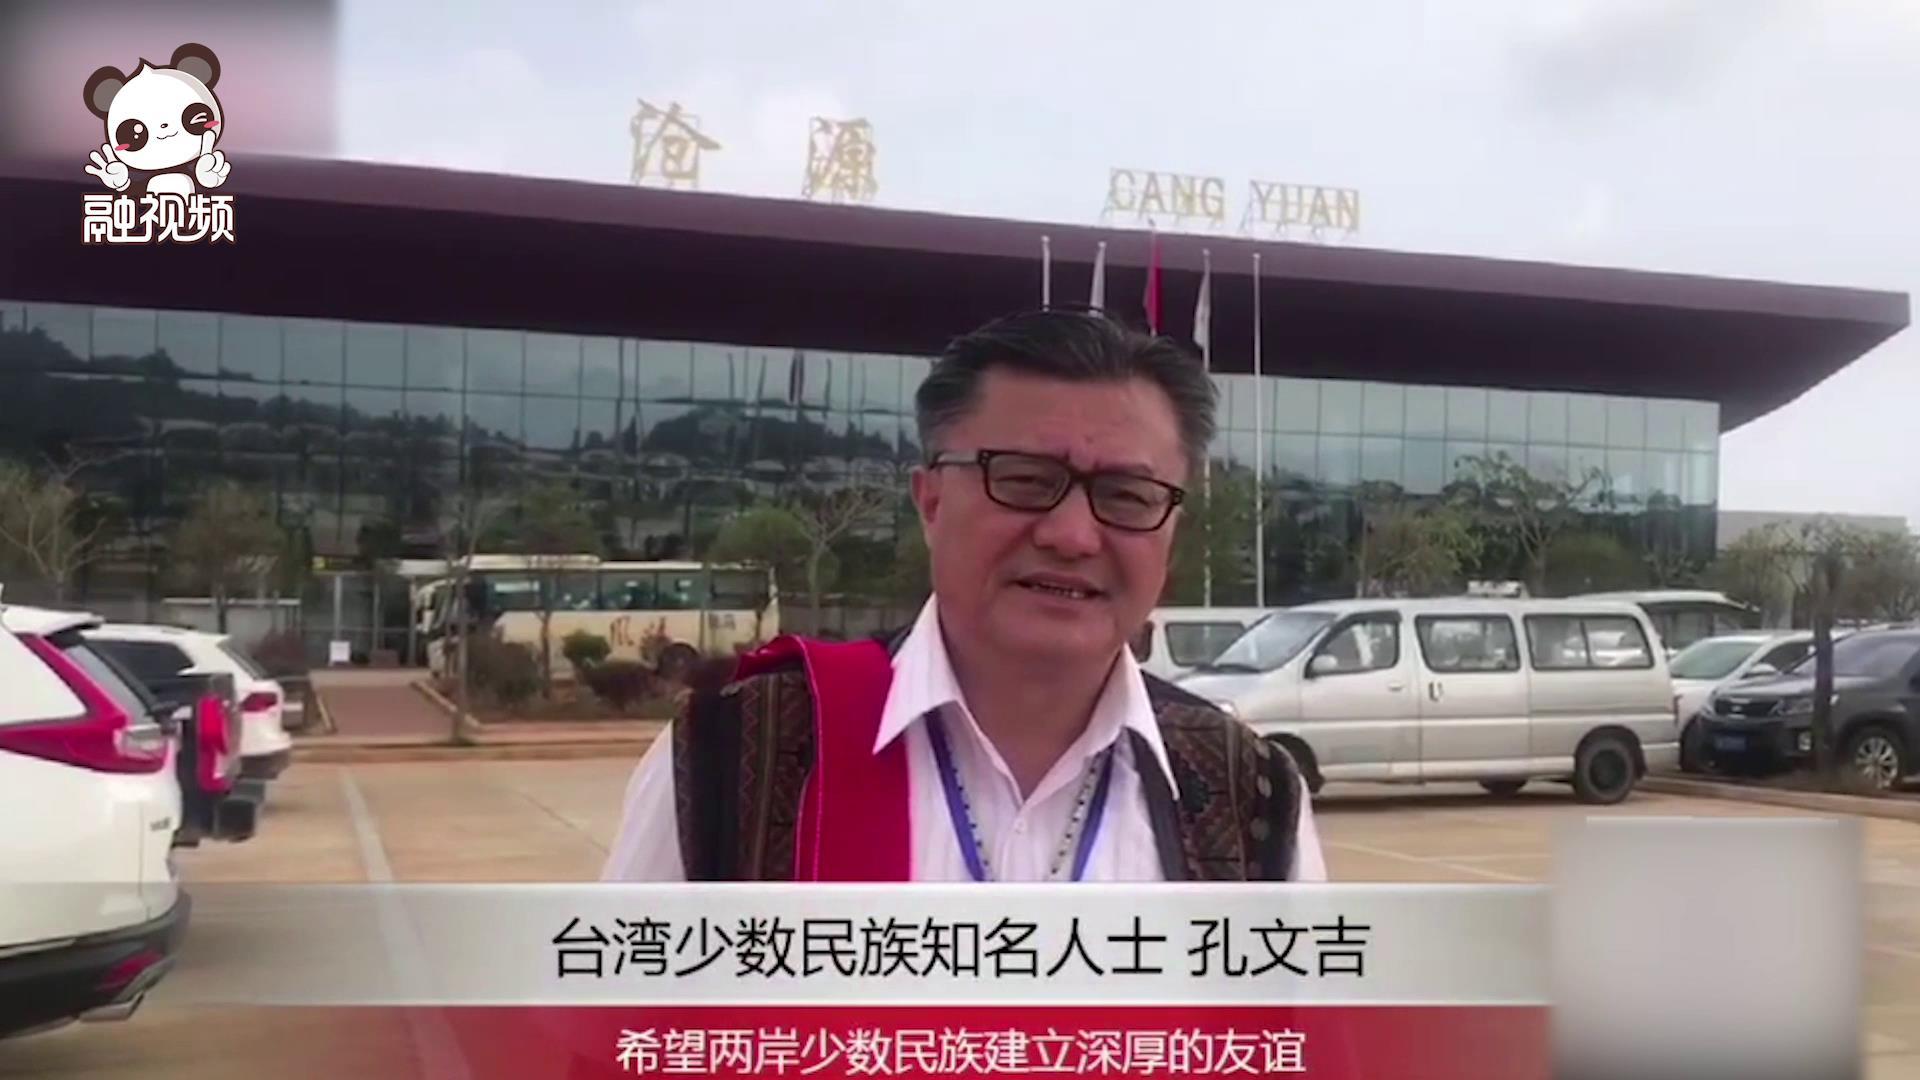 台湾少数民族知名人士孔文吉:希望两岸少数民族建立深厚友谊图片